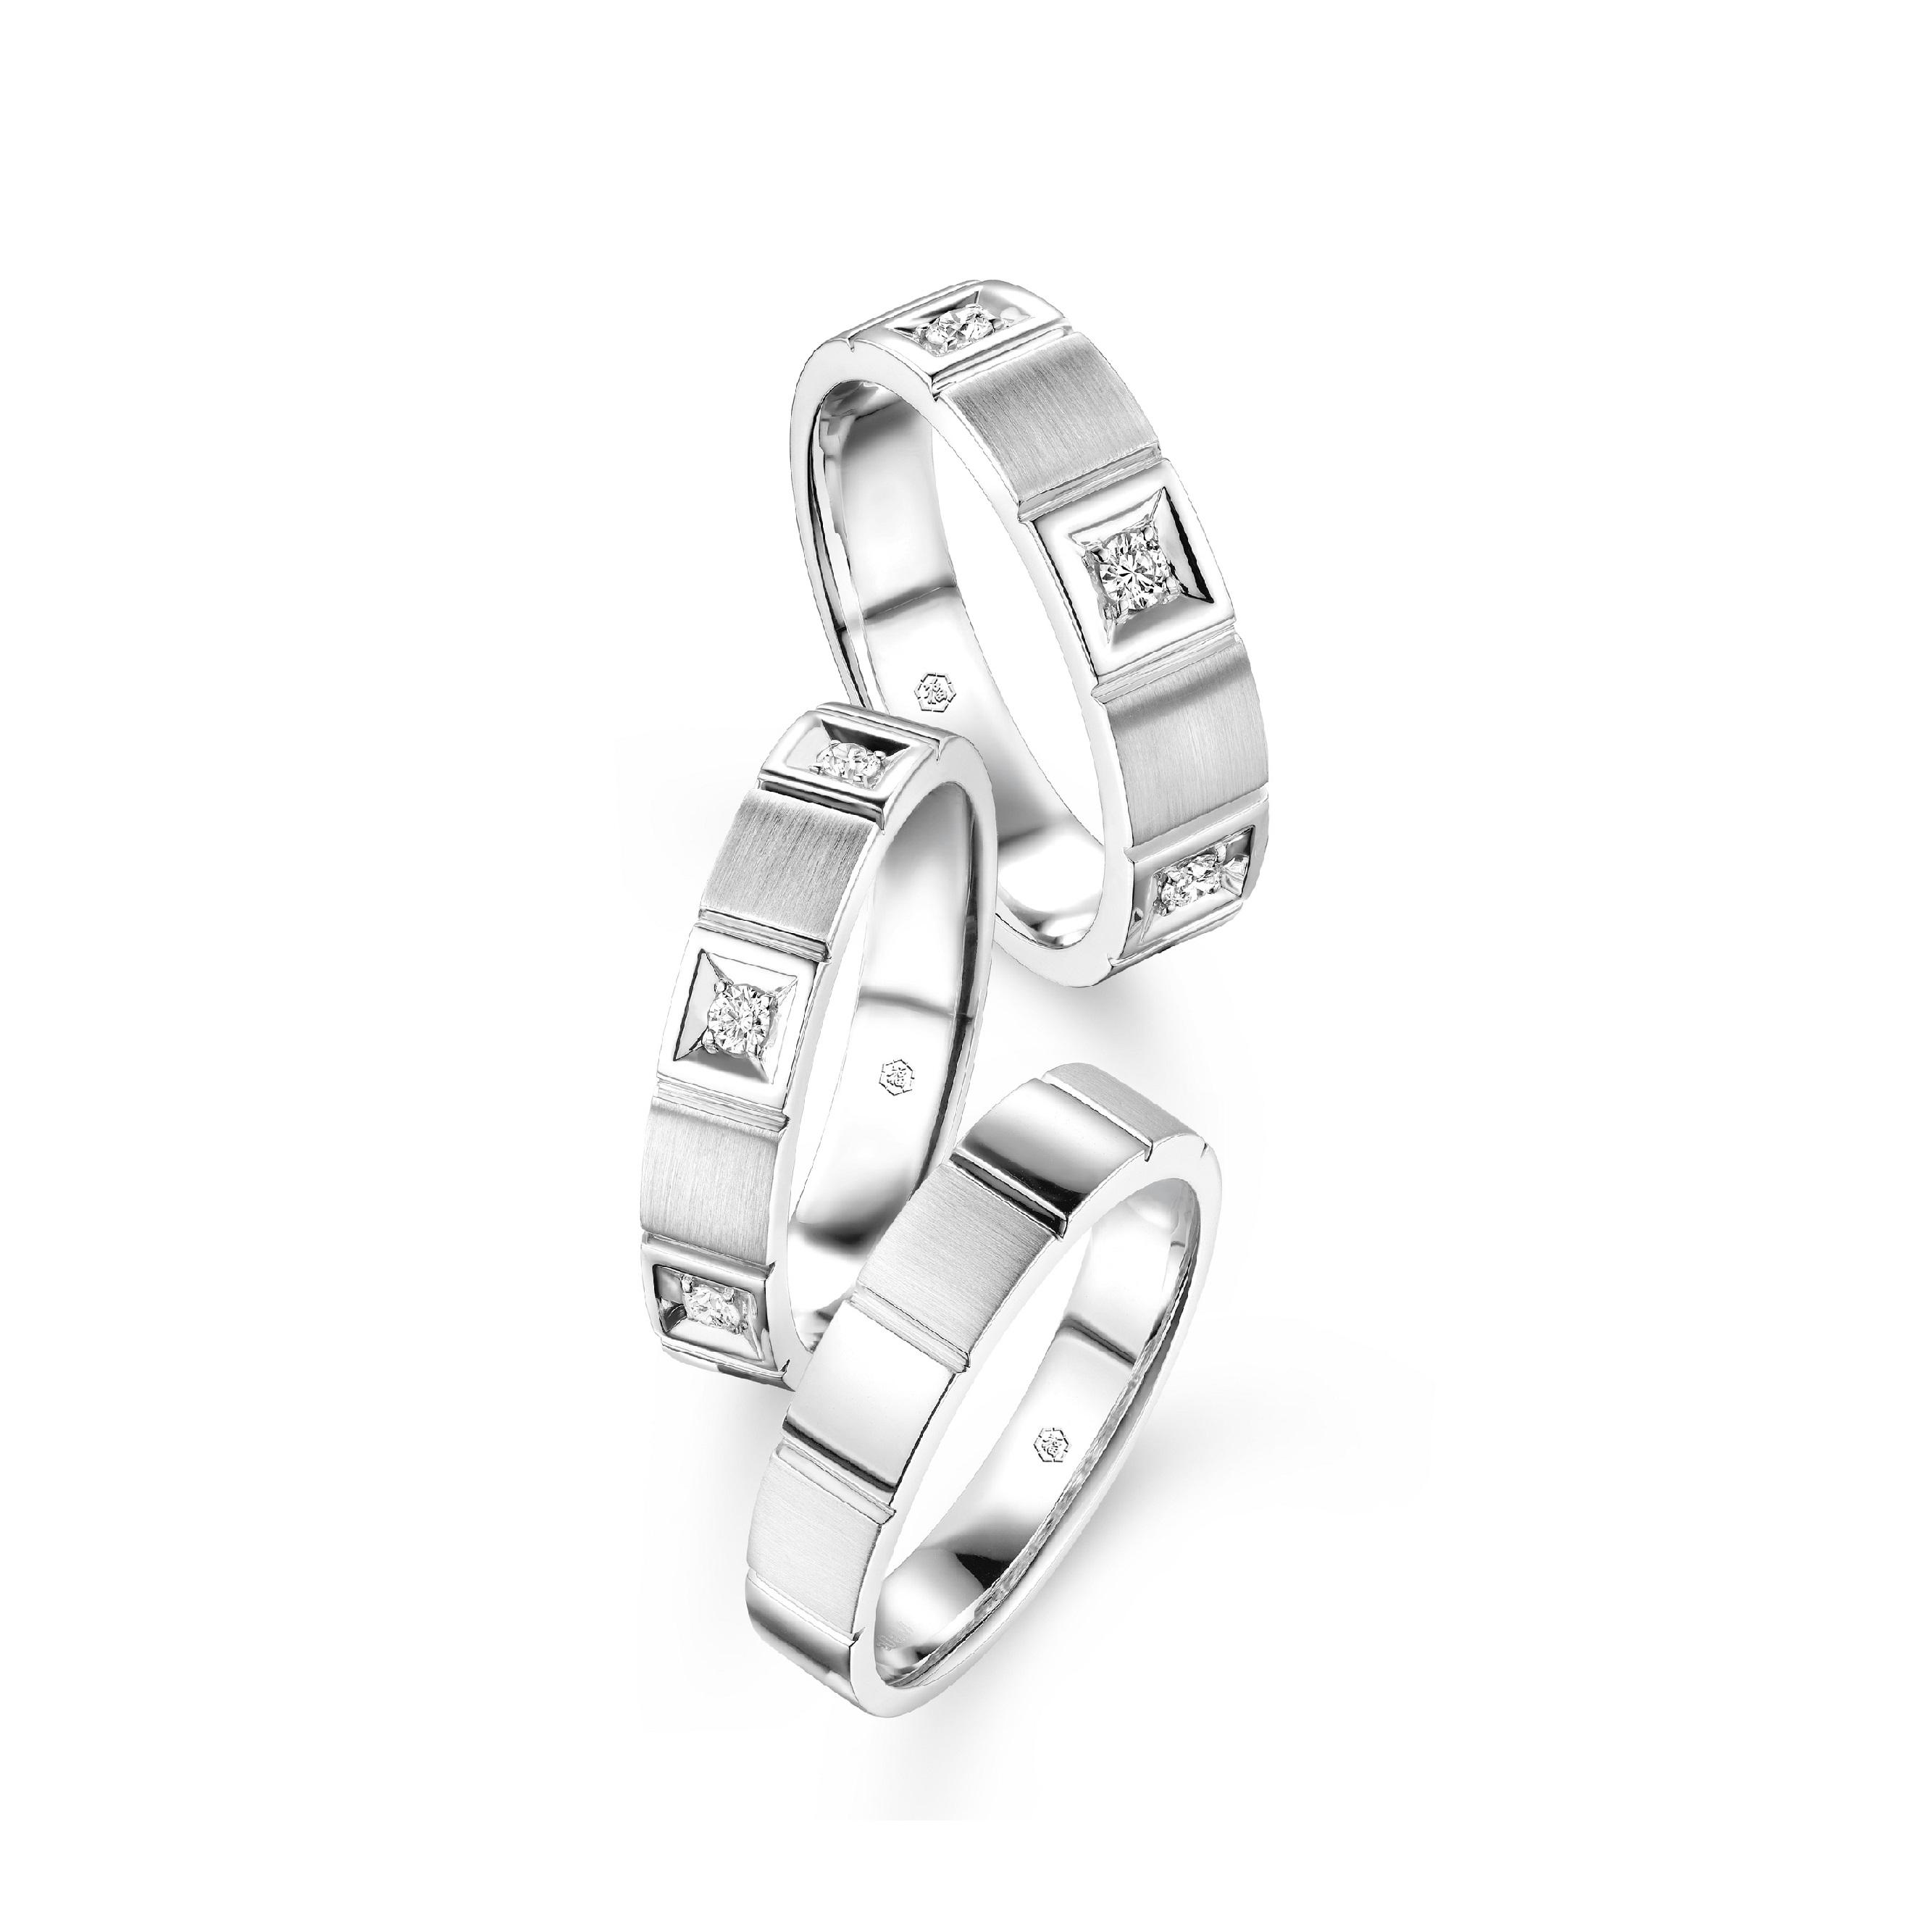 婚嫁系列幸福阶梯18K钻石对戒